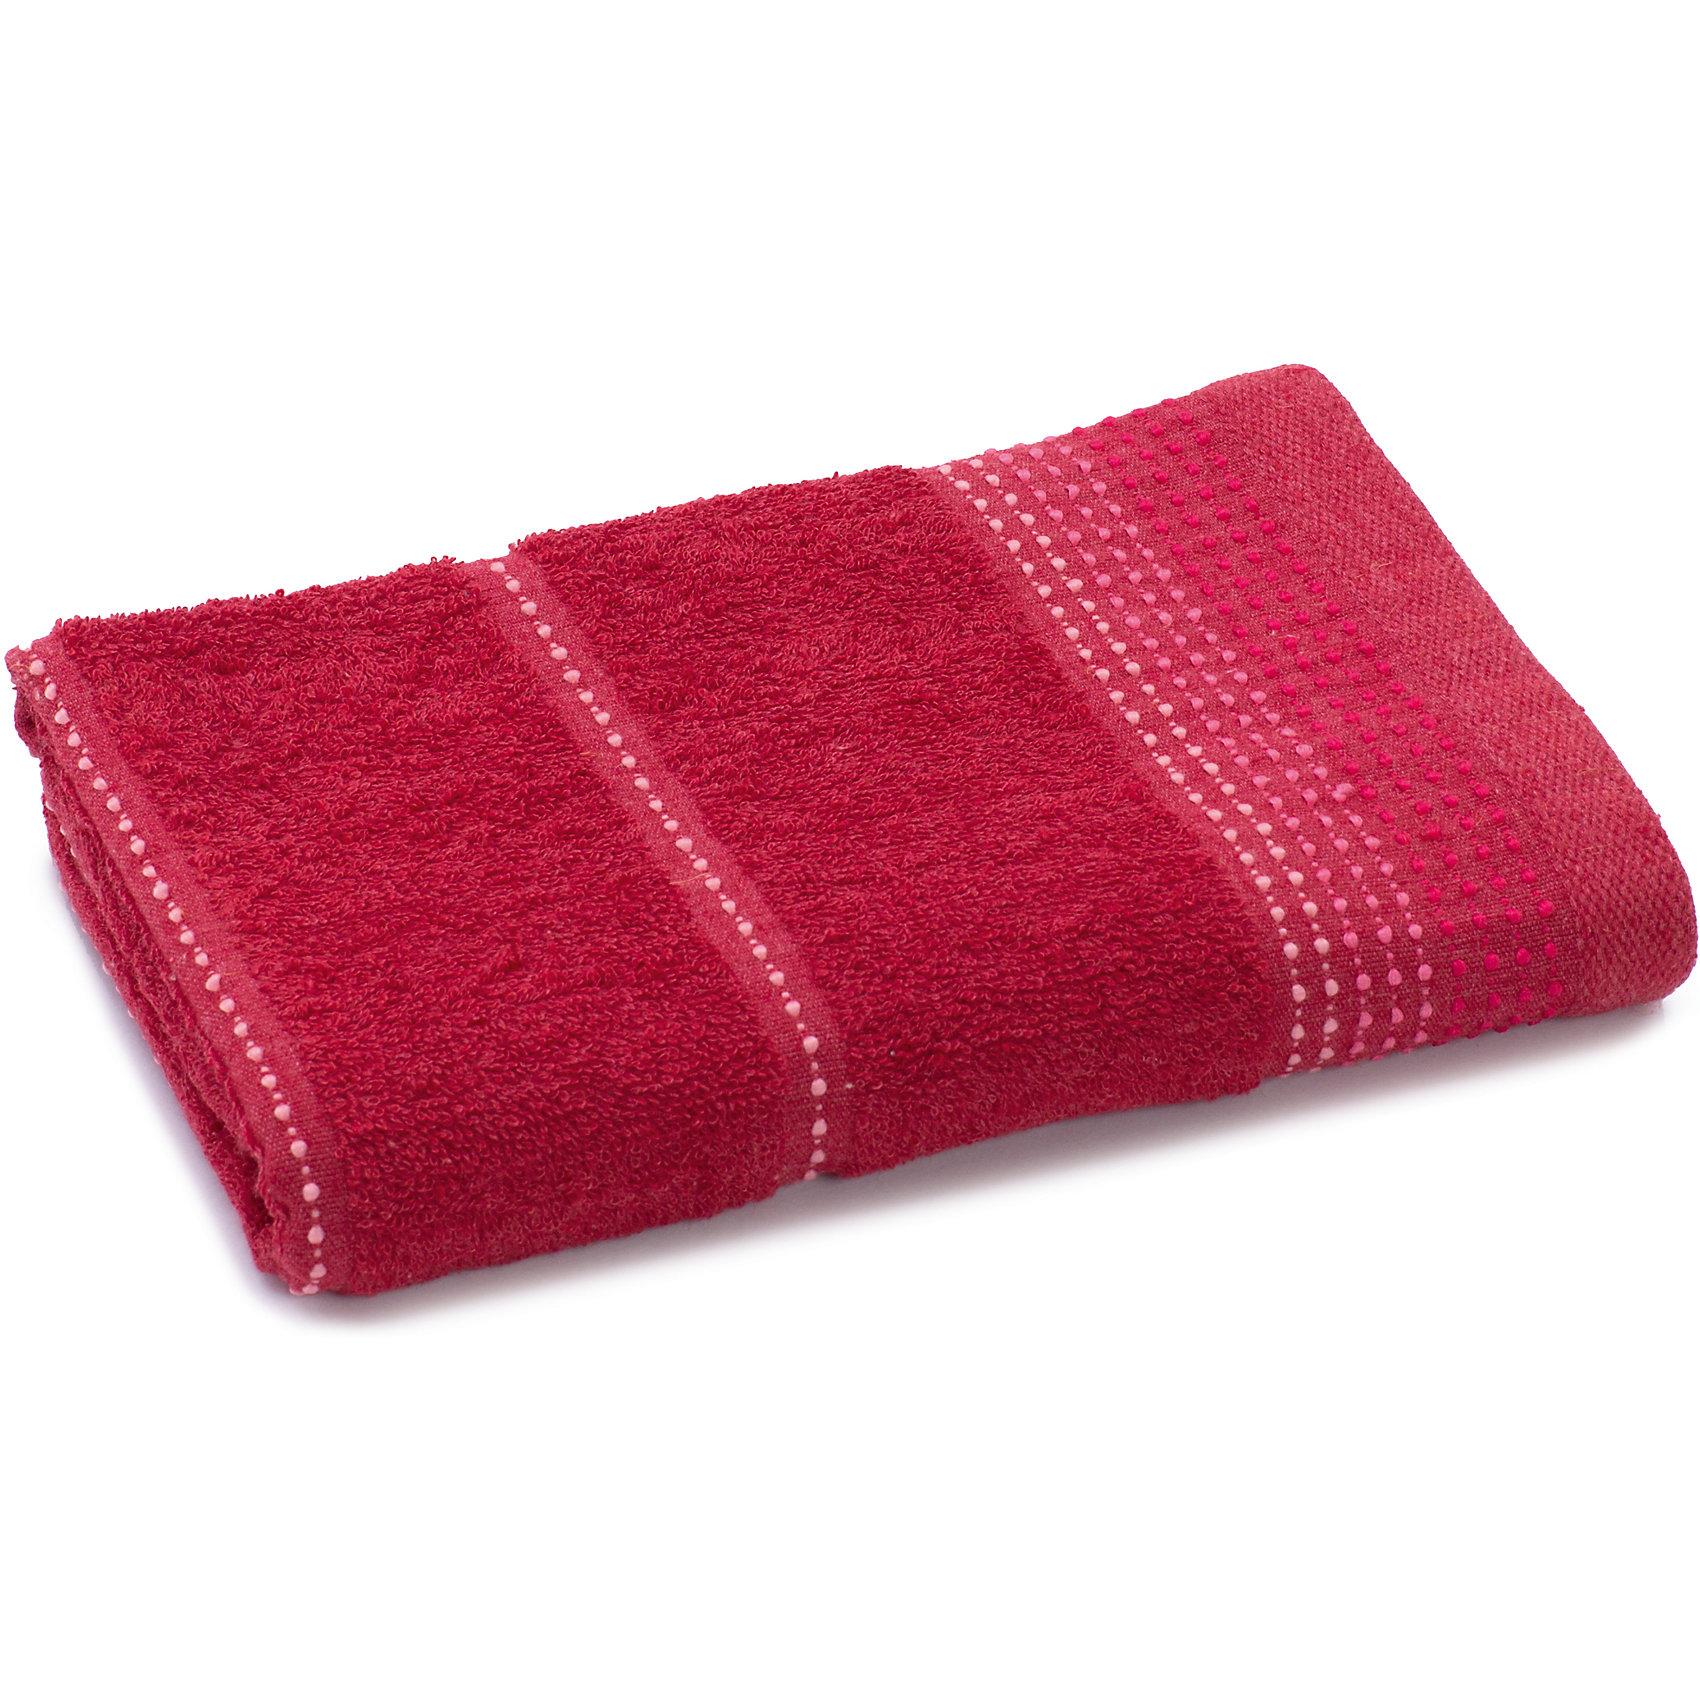 Полотенце махровое Клео 50*90, Любимый дом, малиновыйДомашний текстиль<br>Махровое полотенце Клео очень мягкое и приятное телу. Оно изготовлено из качественного хлопка, отлично впитывает влагу. Полотенце украшено контрастной вышивкой по краю. Отлично впишется в вашу ванную комнату.<br><br>Дополнительная информация:<br>Материал: 100% хлопок<br>Цвет: малиновый<br>Размер: 50х90 см<br>Торговая марка: Любимый дом<br><br>Вы можете приобрести махровое полотенце Клео в нашем интернет-магазине.<br><br>Ширина мм: 500<br>Глубина мм: 500<br>Высота мм: 200<br>Вес г: 250<br>Возраст от месяцев: 0<br>Возраст до месяцев: 144<br>Пол: Унисекс<br>Возраст: Детский<br>SKU: 5010955